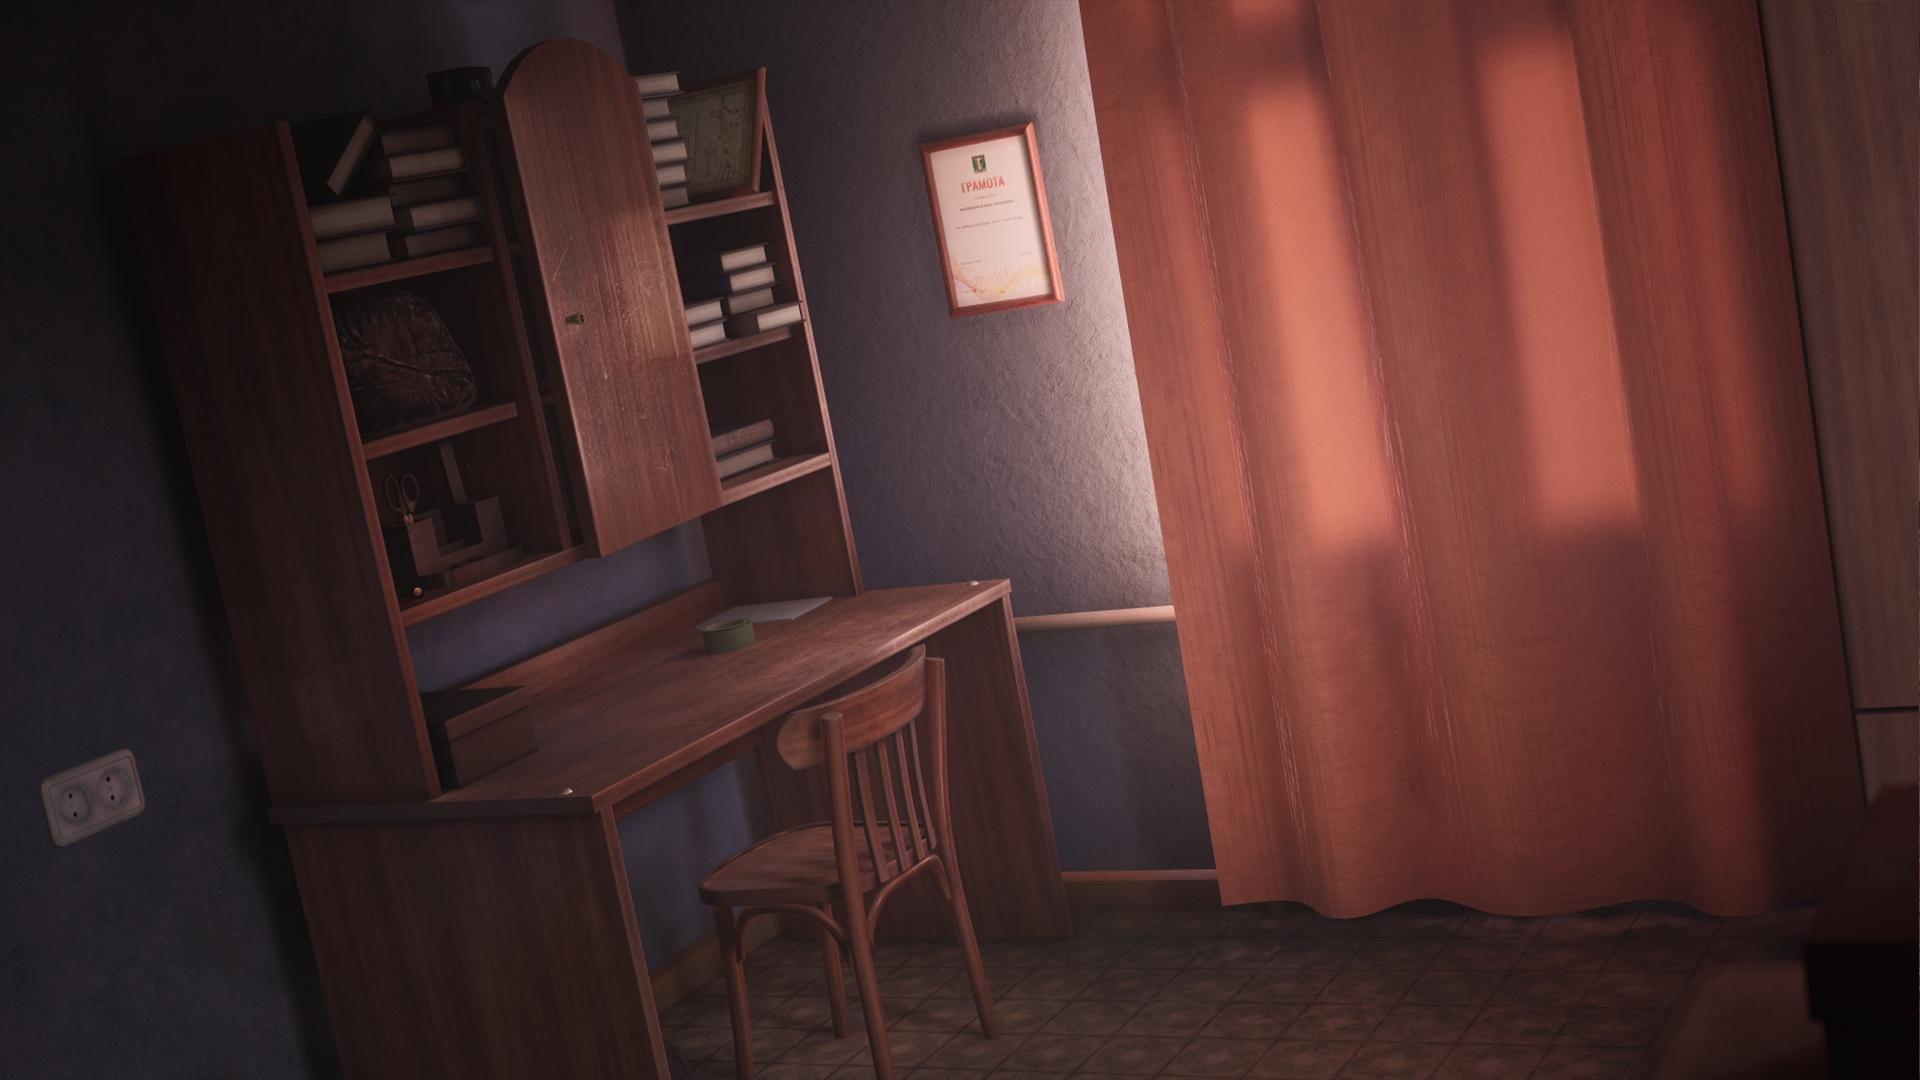 Эстетика виртуальных постсоветских квартир